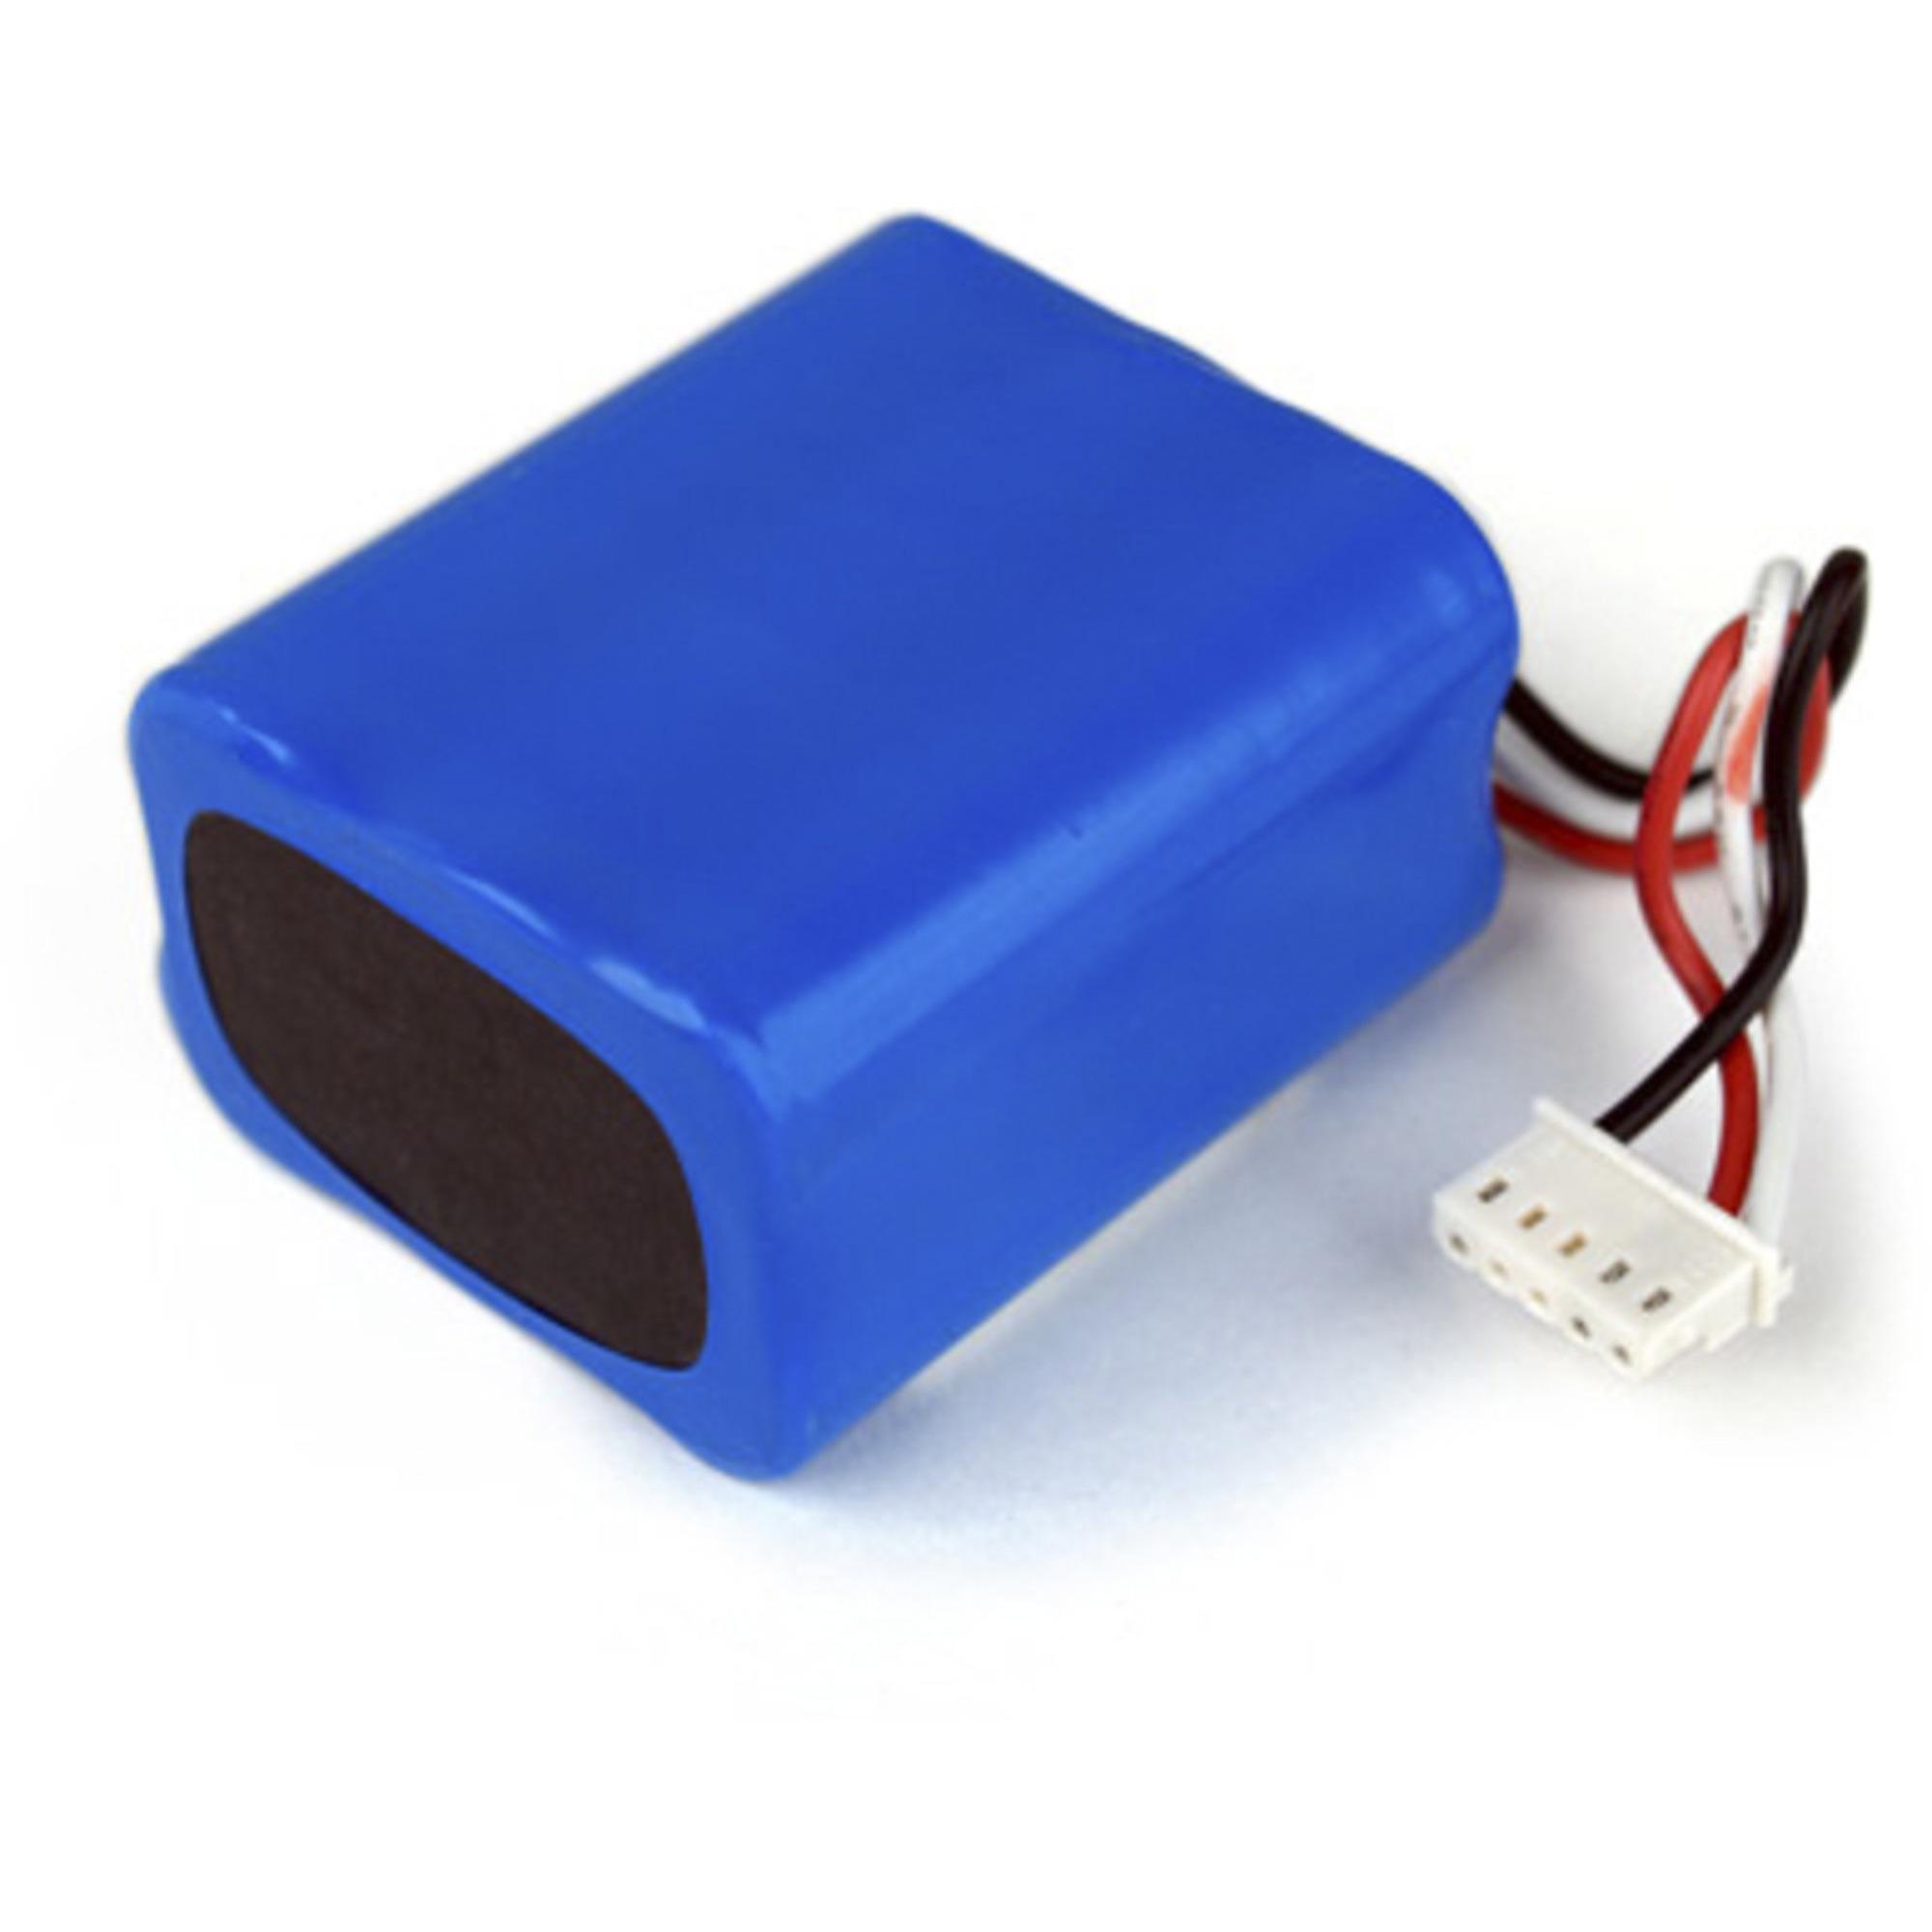 iRobot Braava 390 batteri